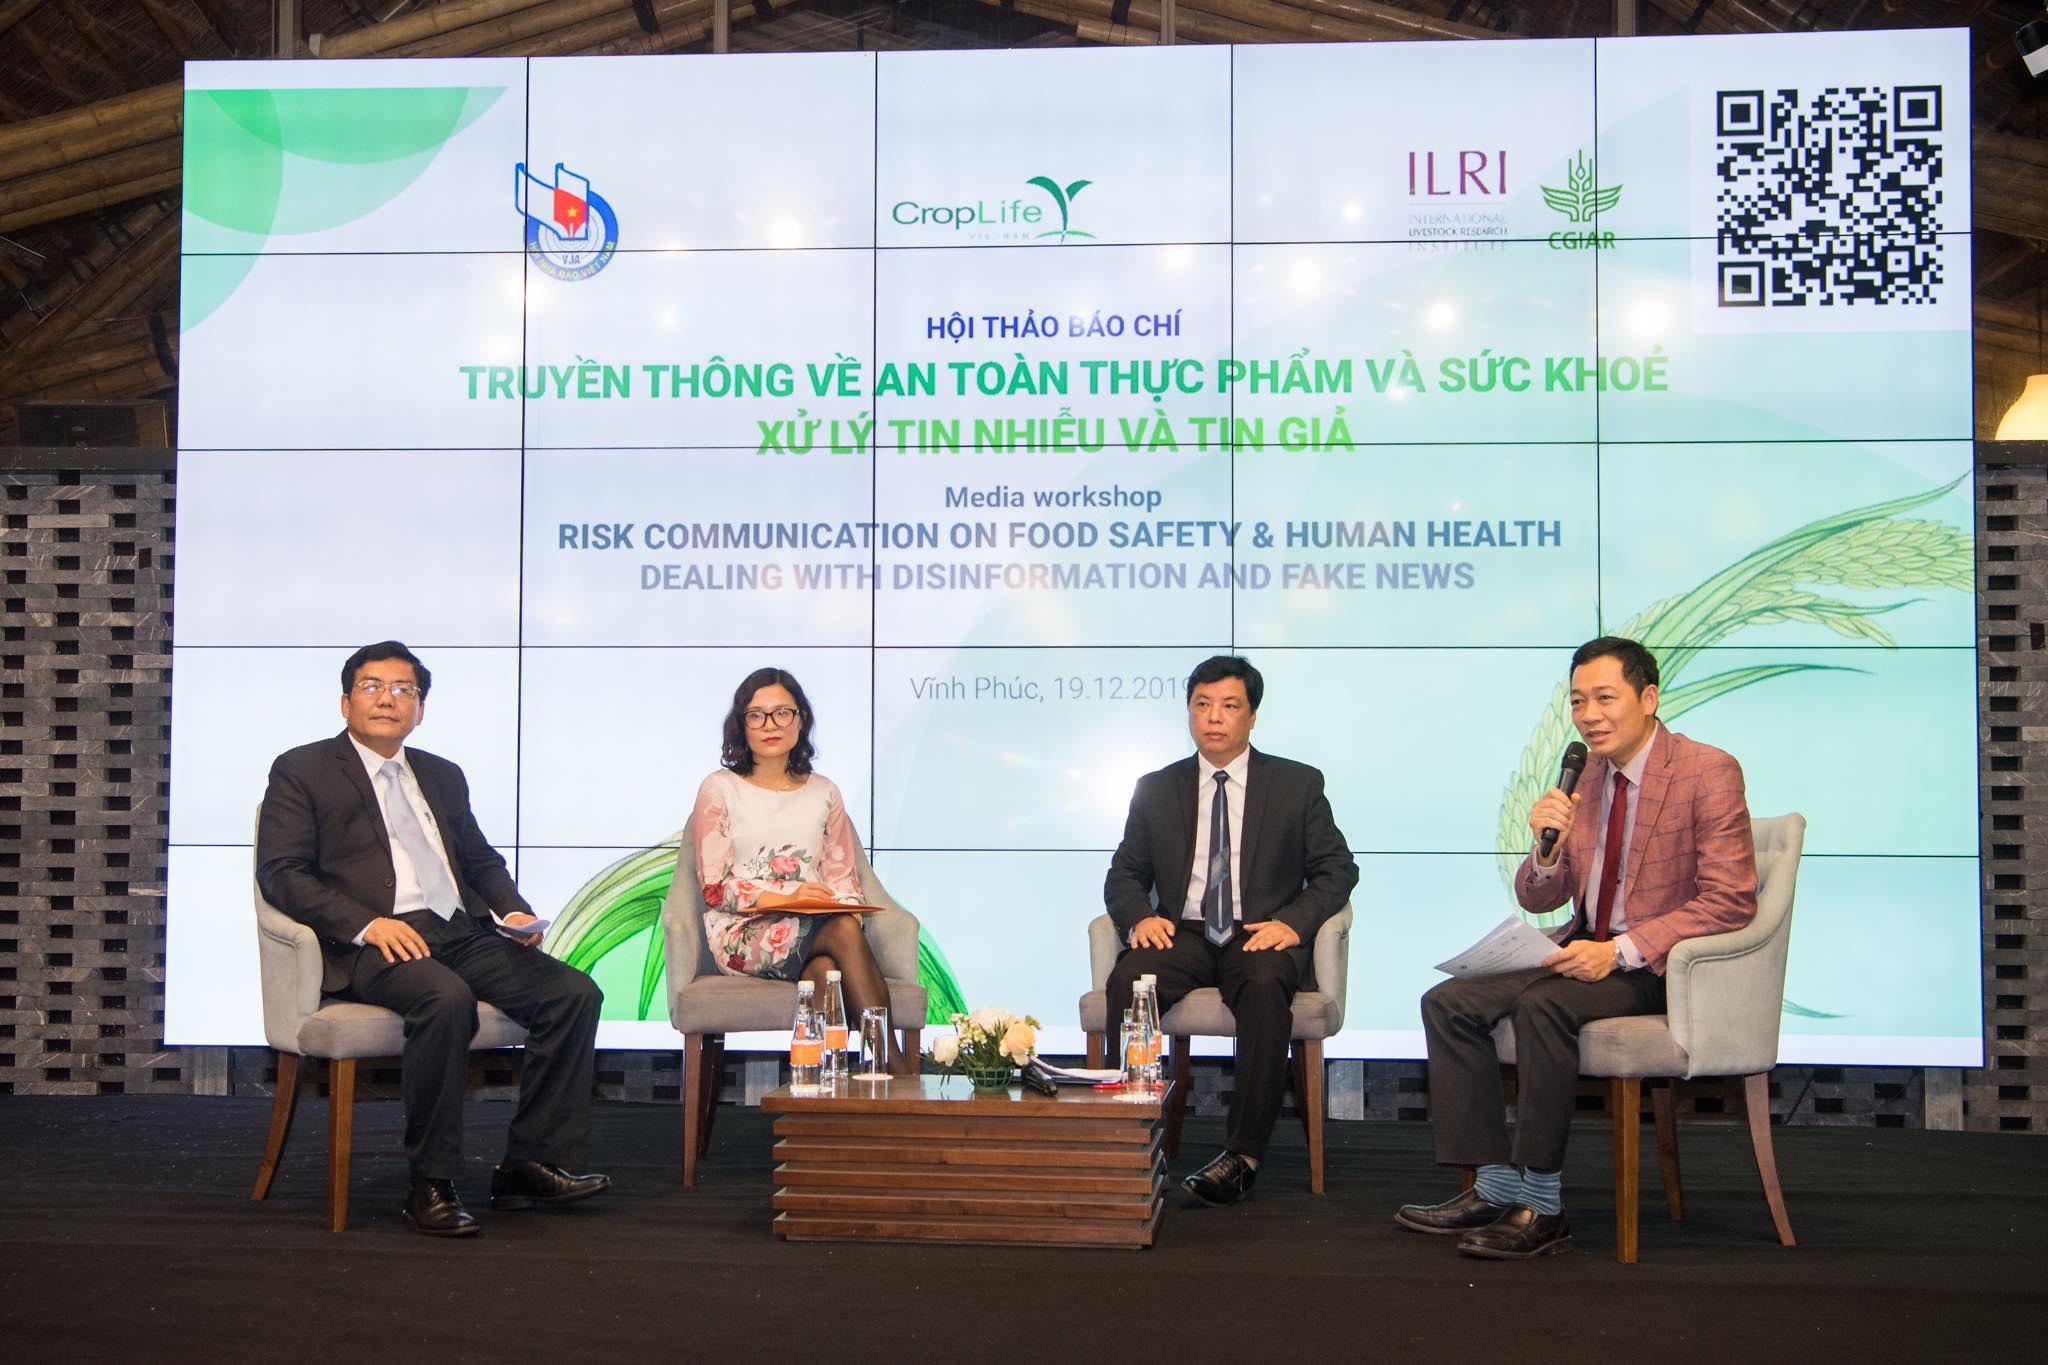 Media workshop in Vinh Phuc Province, Vietnam on 19 December 2019